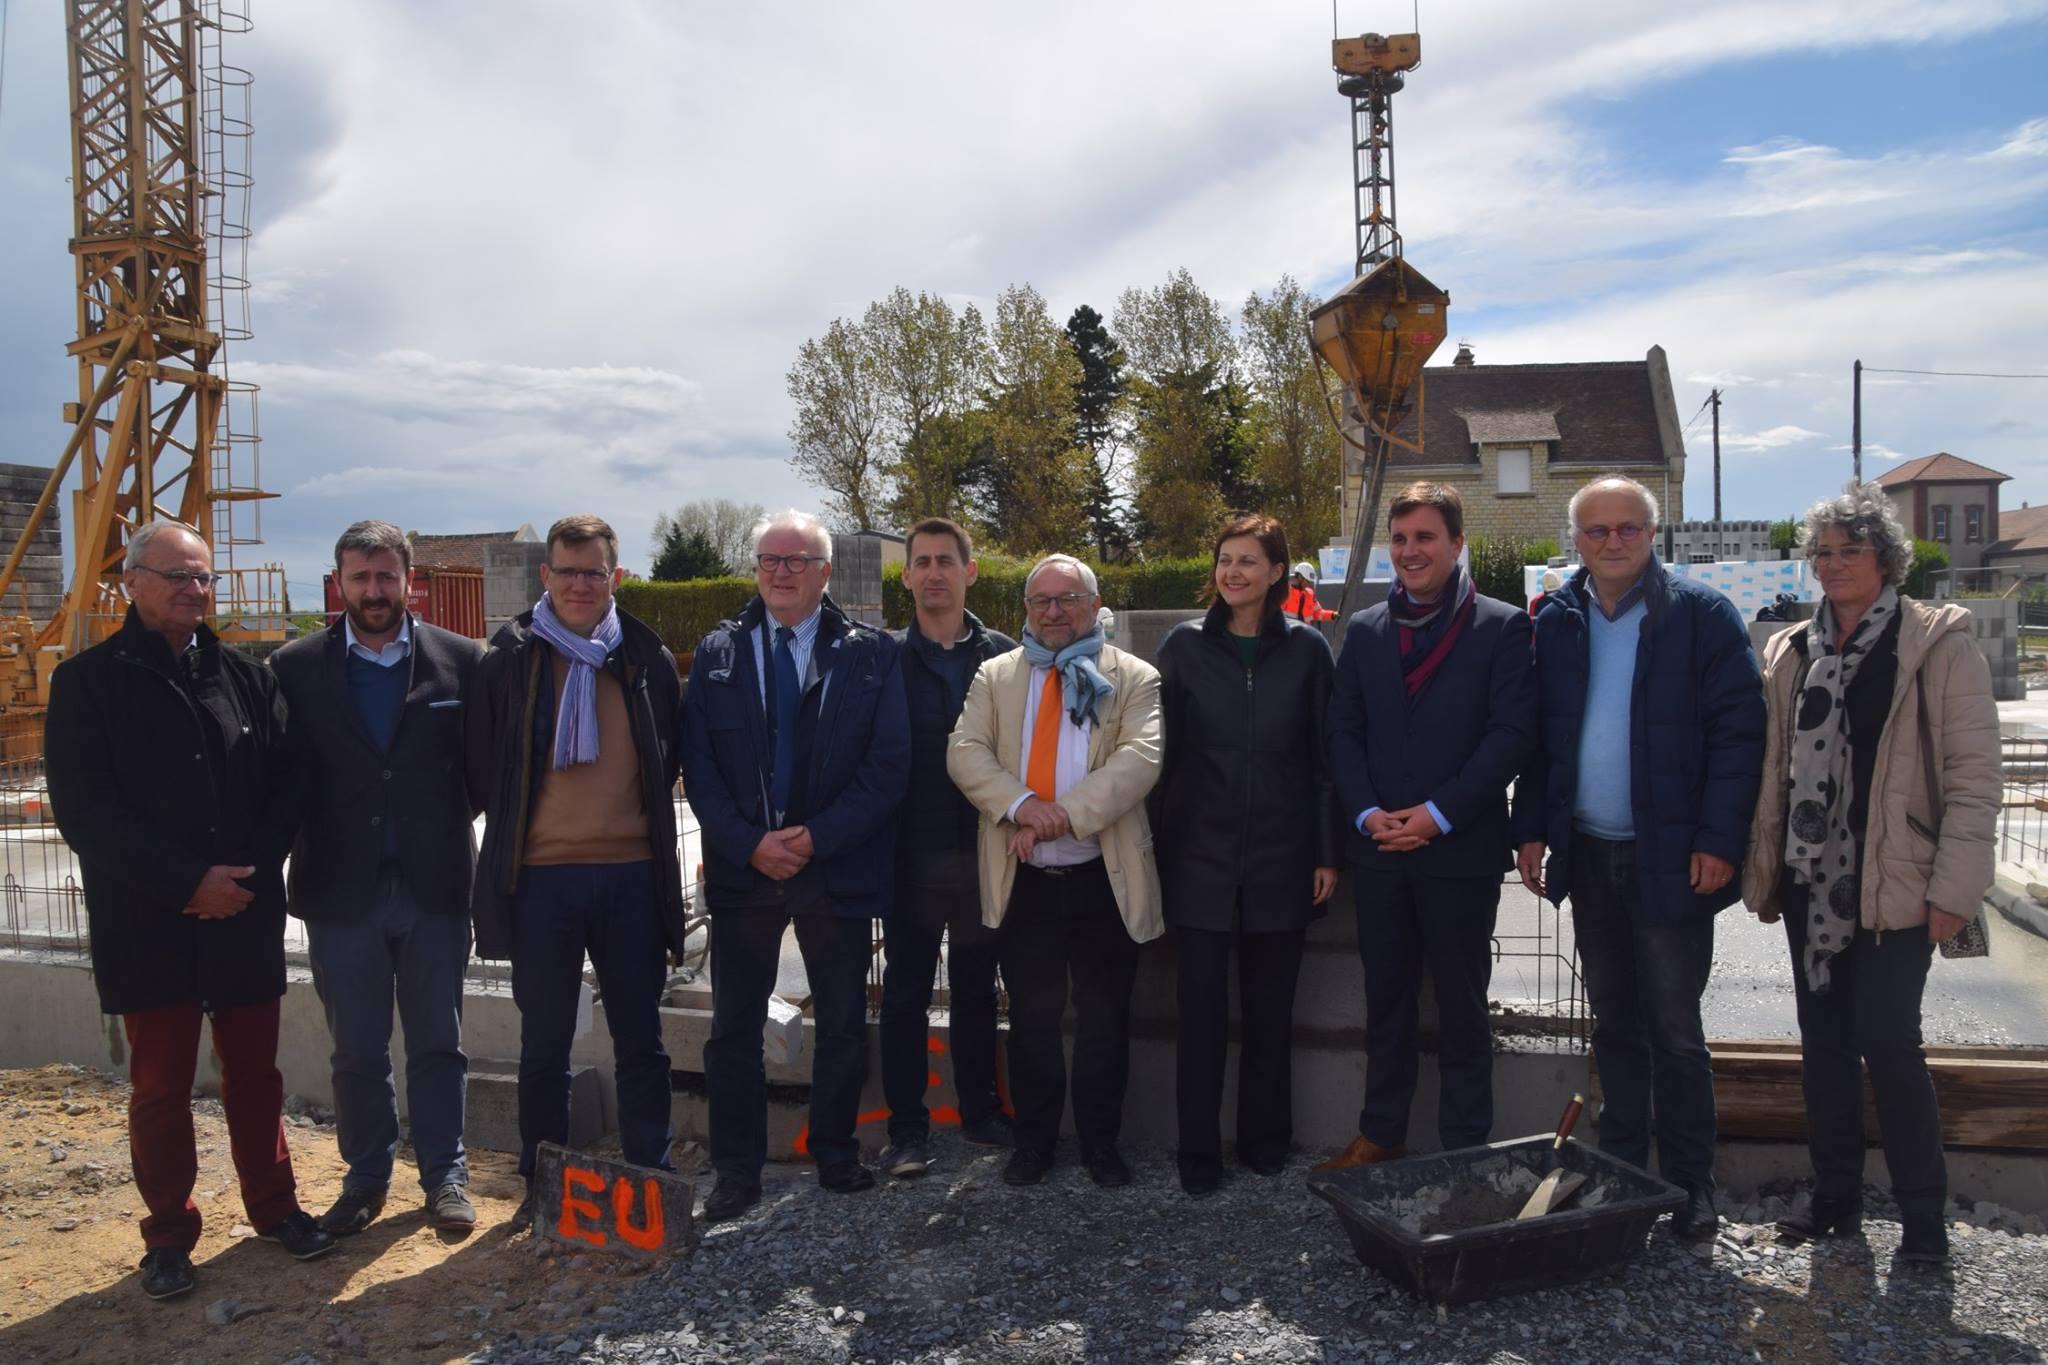 Pose de la première pierre du CANO, le jeudi 25 avril 2019